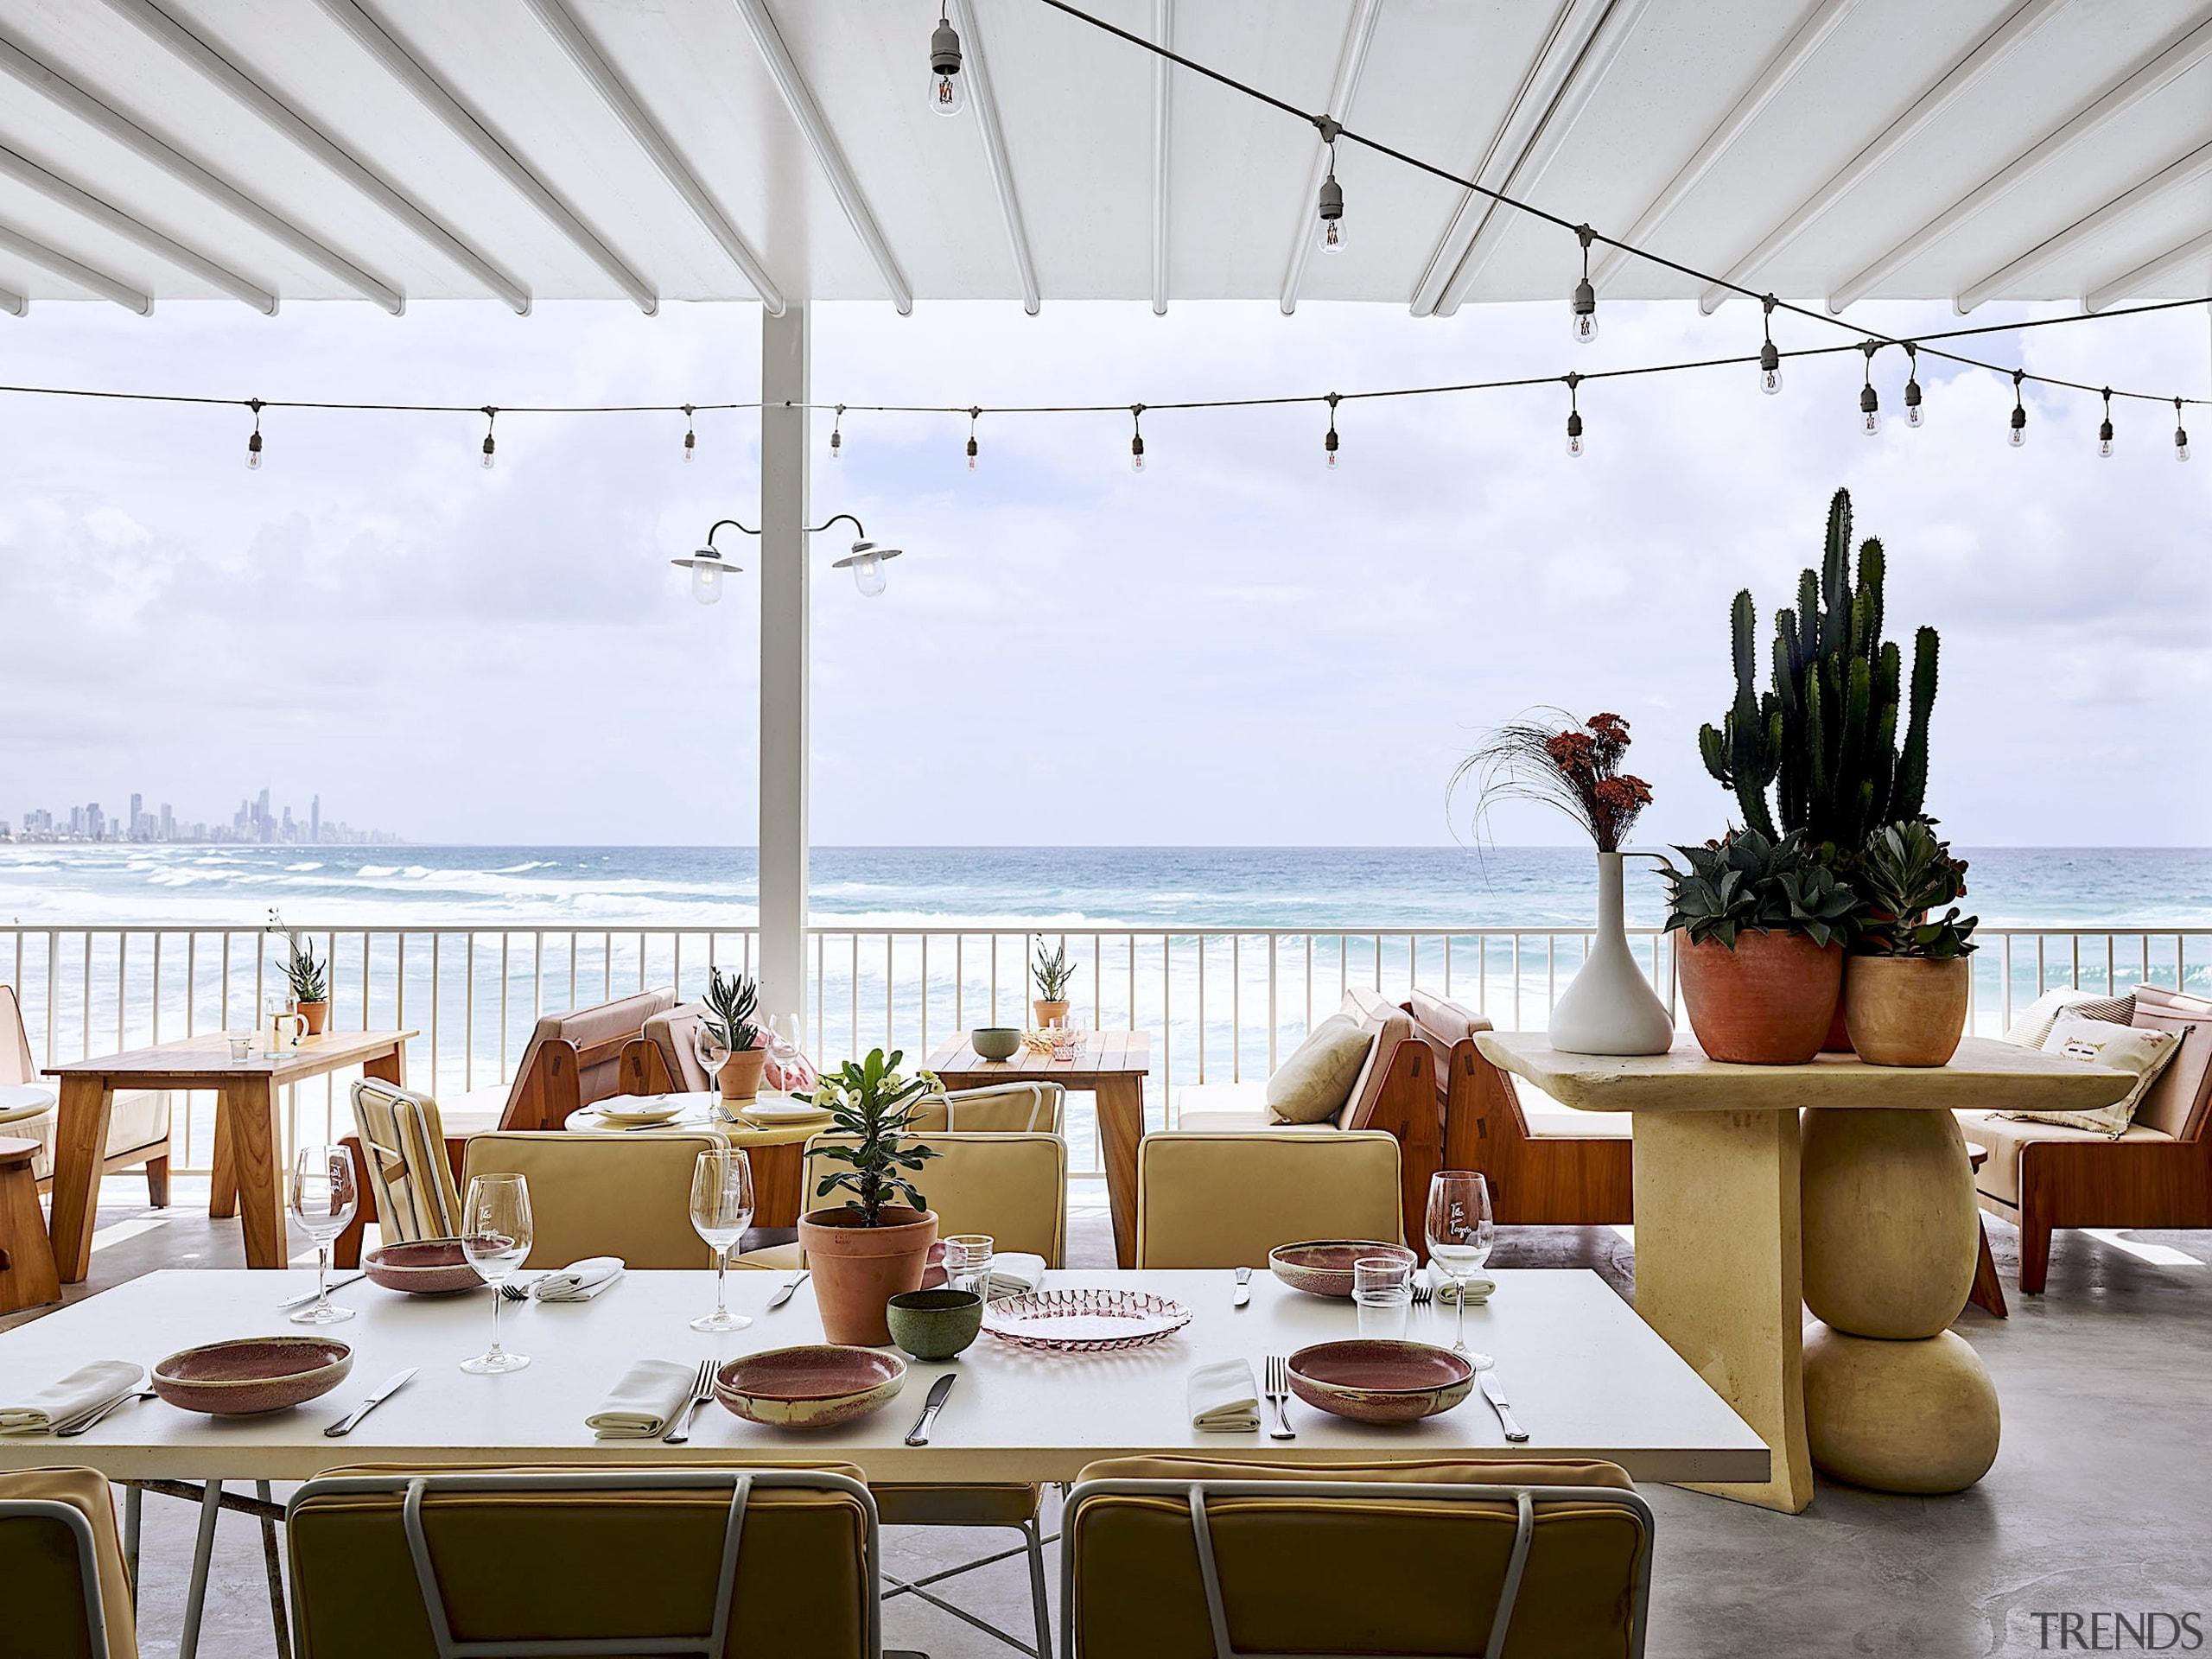 The main beach bar at Burleigh Pavilion has